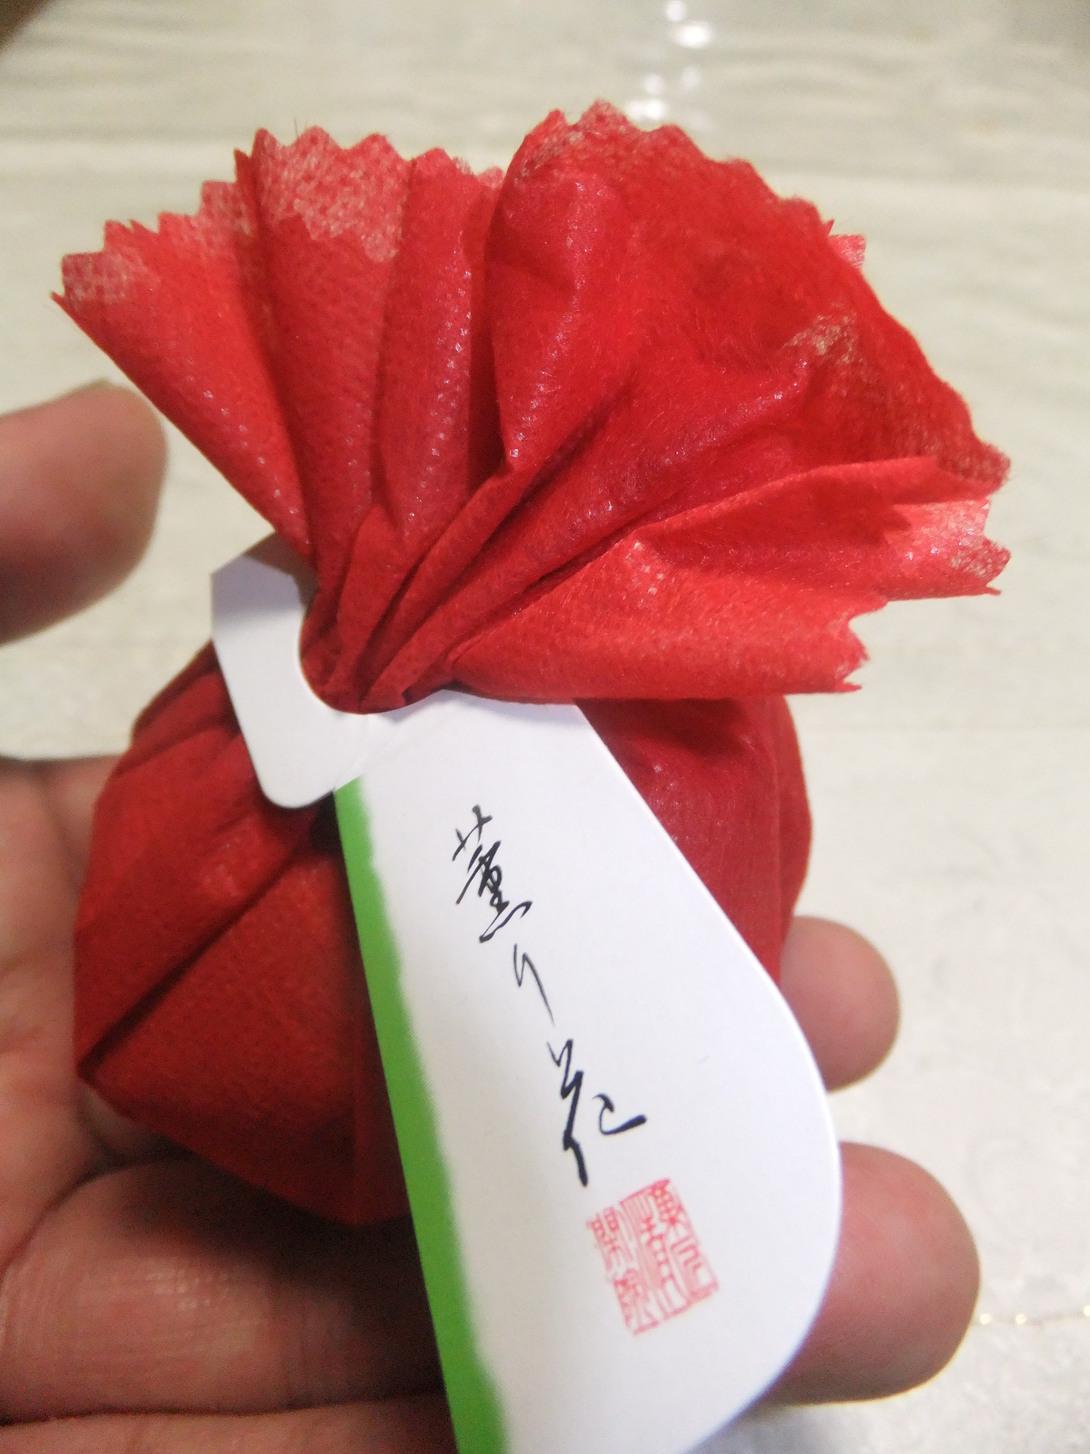 菓匠 清閑院 京王百貨店 聖蹟桜ヶ丘店